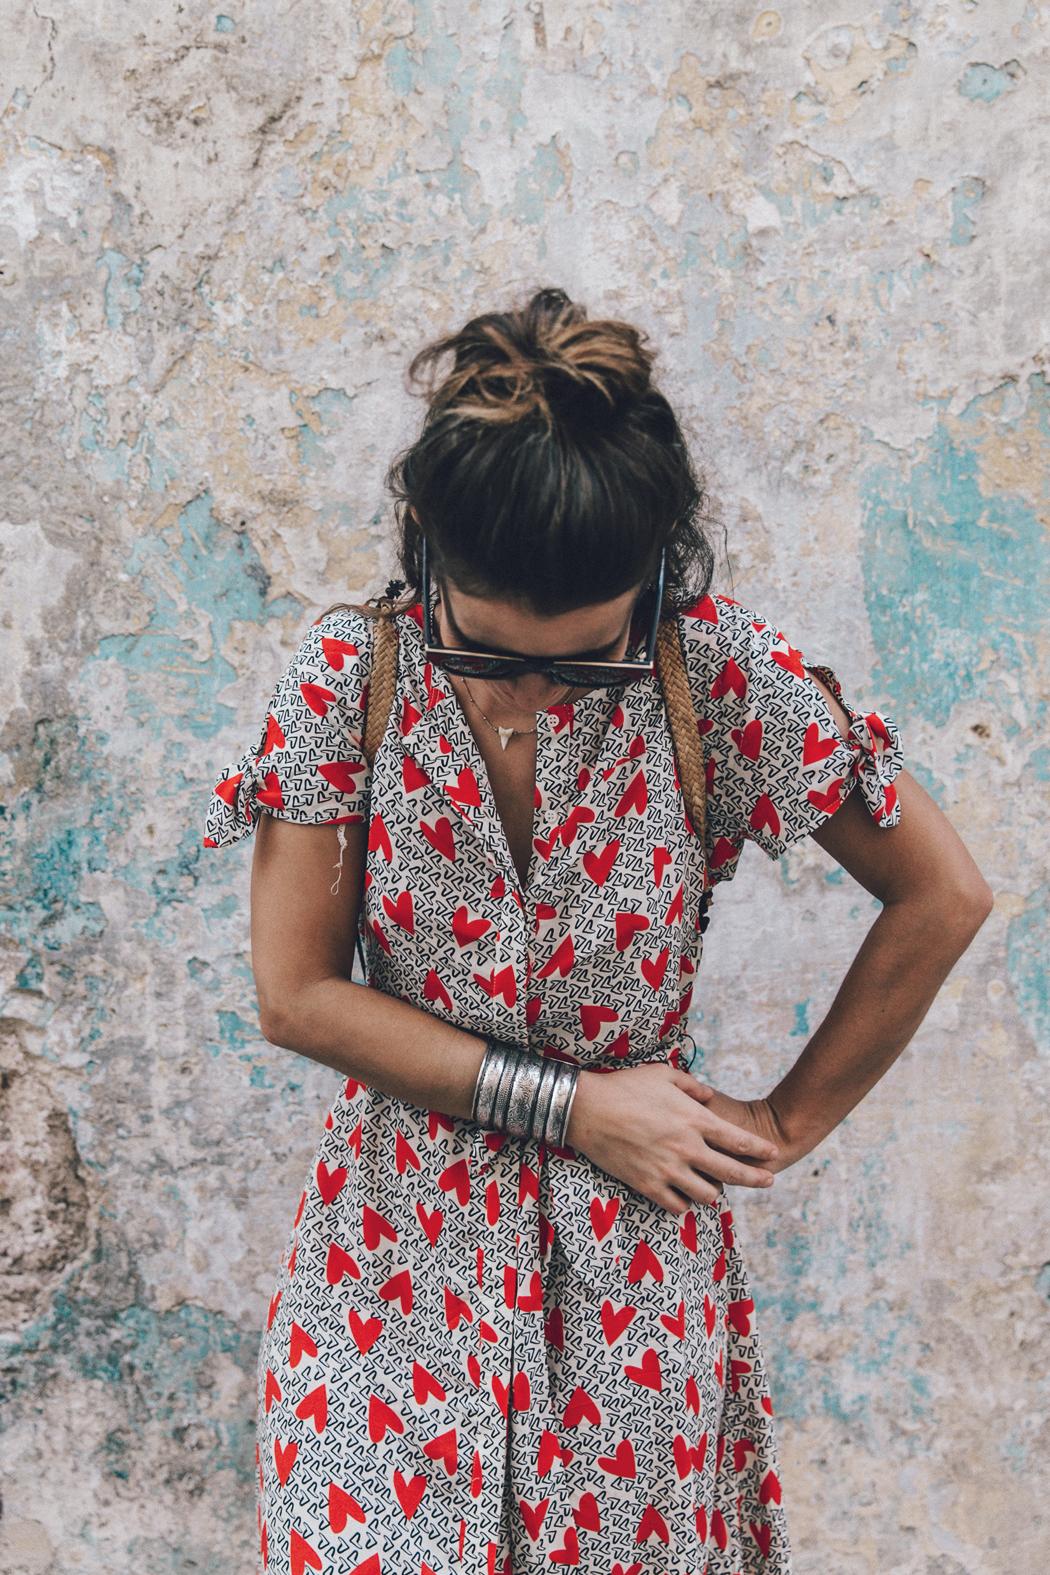 Cuba-La_Habana_Vieja-Hearts_Dress-Styled_By_Me-Aloha_Espadrilles-Outfit-Street_Style-Dress-Backpack-55